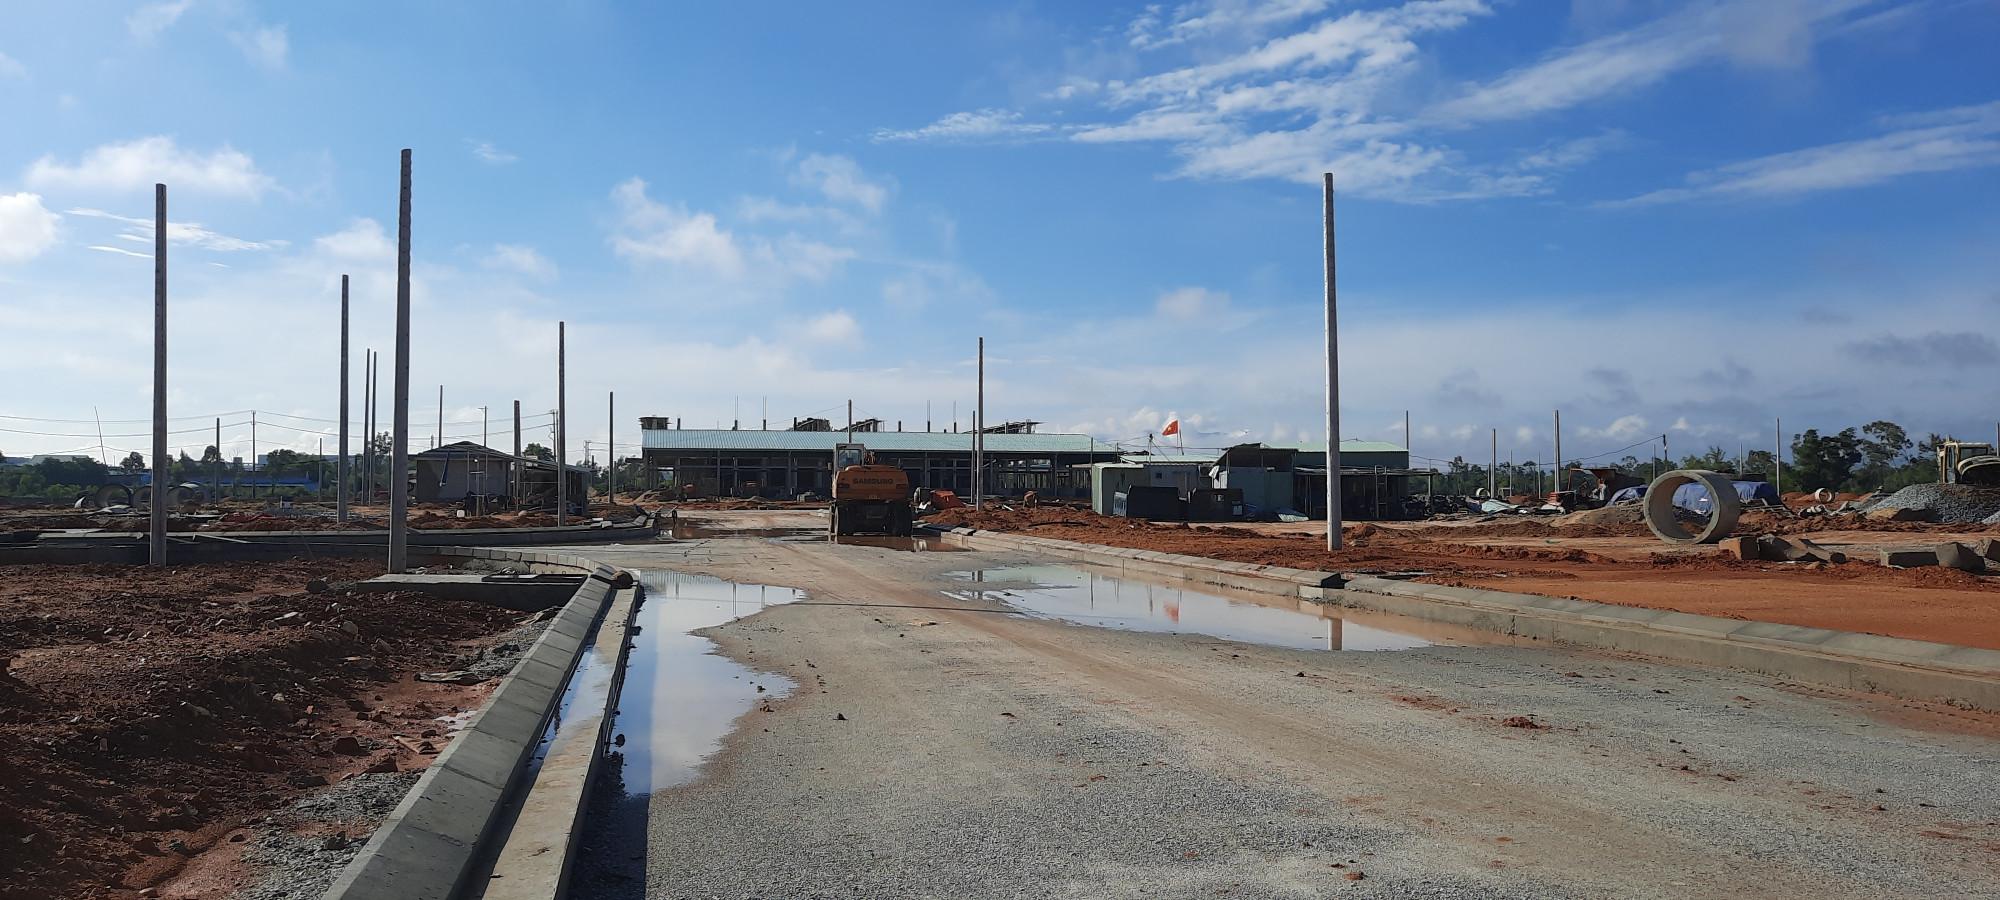 Dự án được xem là nền móng cho việc phát triển khu đô thị cửa ngõ Tam Kỳ nhưng đang gặp phải nhiều vướng mắc